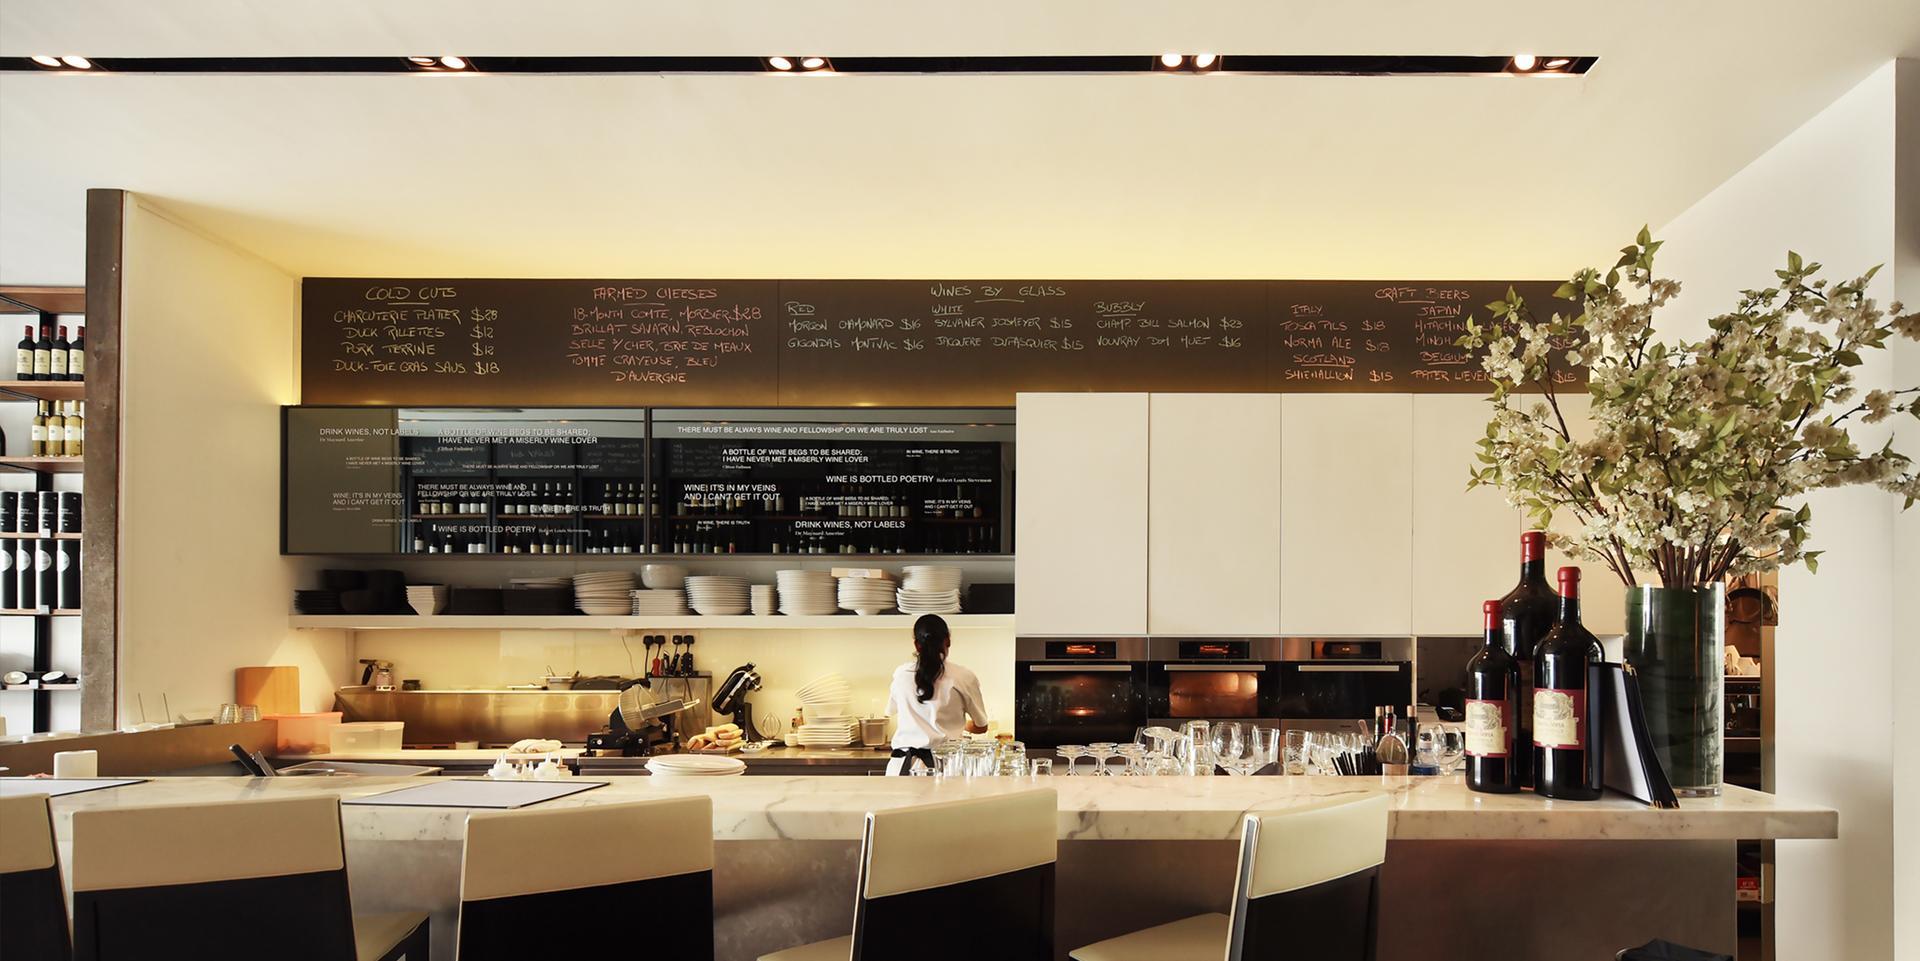 室内设计灵感来自典型的巴黎小酒馆,意在创造一个适宜老顾客光临的